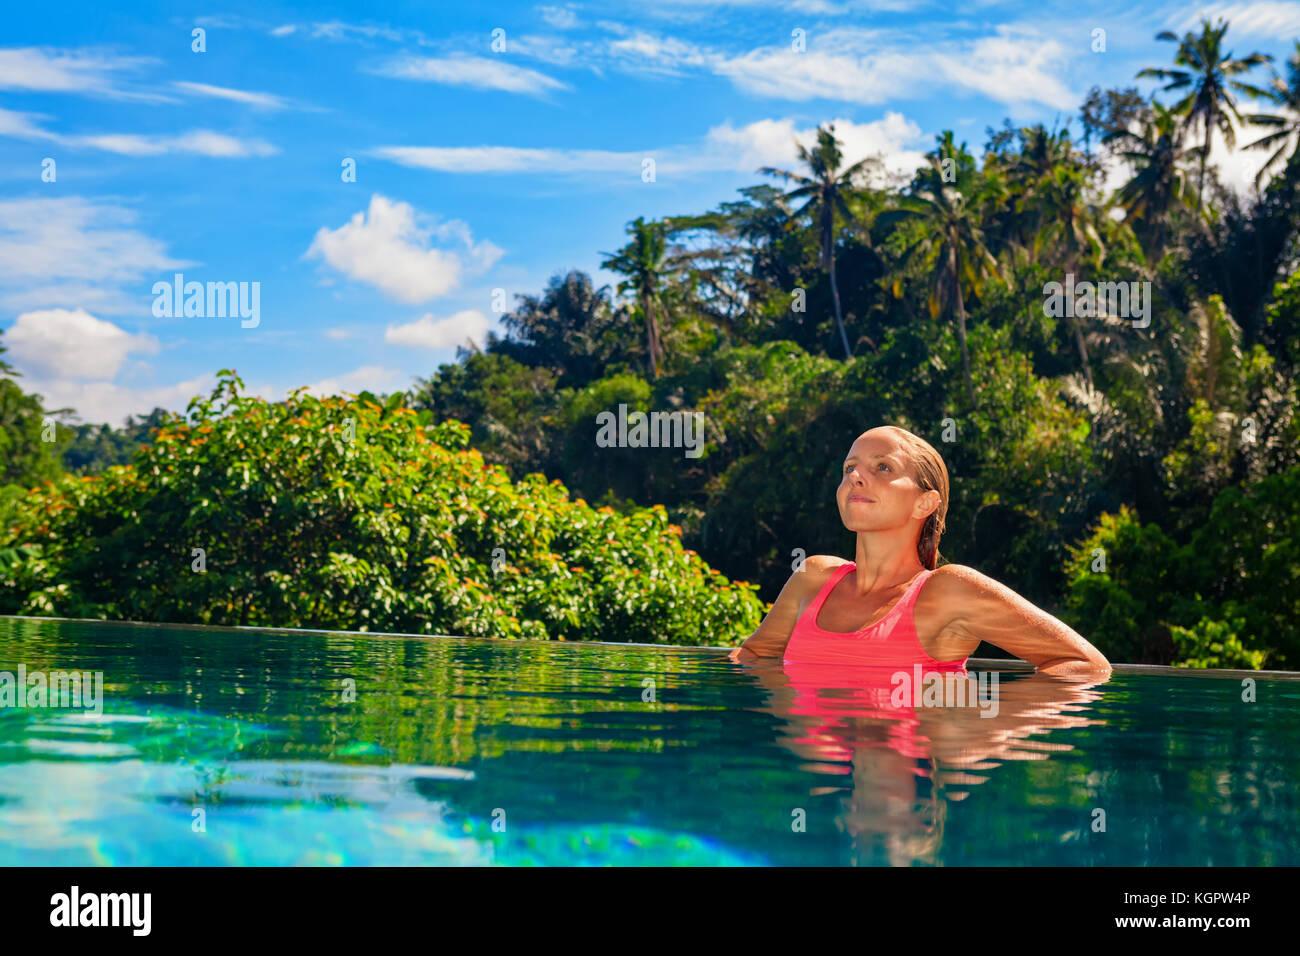 Woman on été plage vacances de détente dans l'hôtel spa de luxe en piscine à débordement Photo Stock